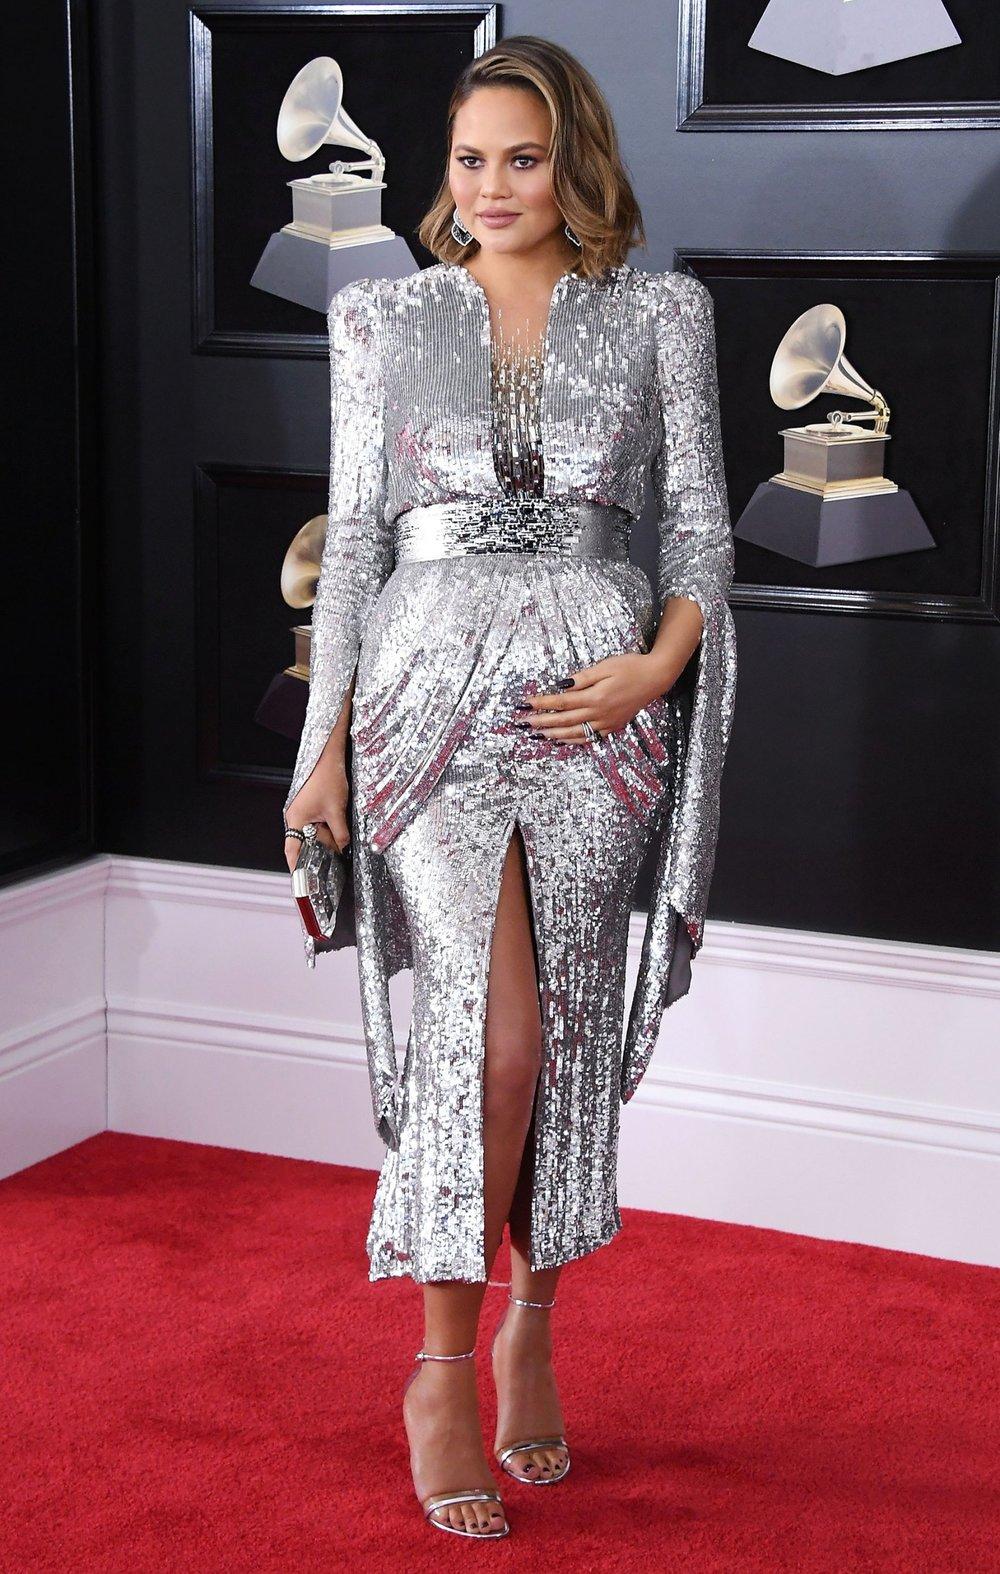 Grammys Awards 2018 - Chrissy Teigen in Yanina Couture.jpg